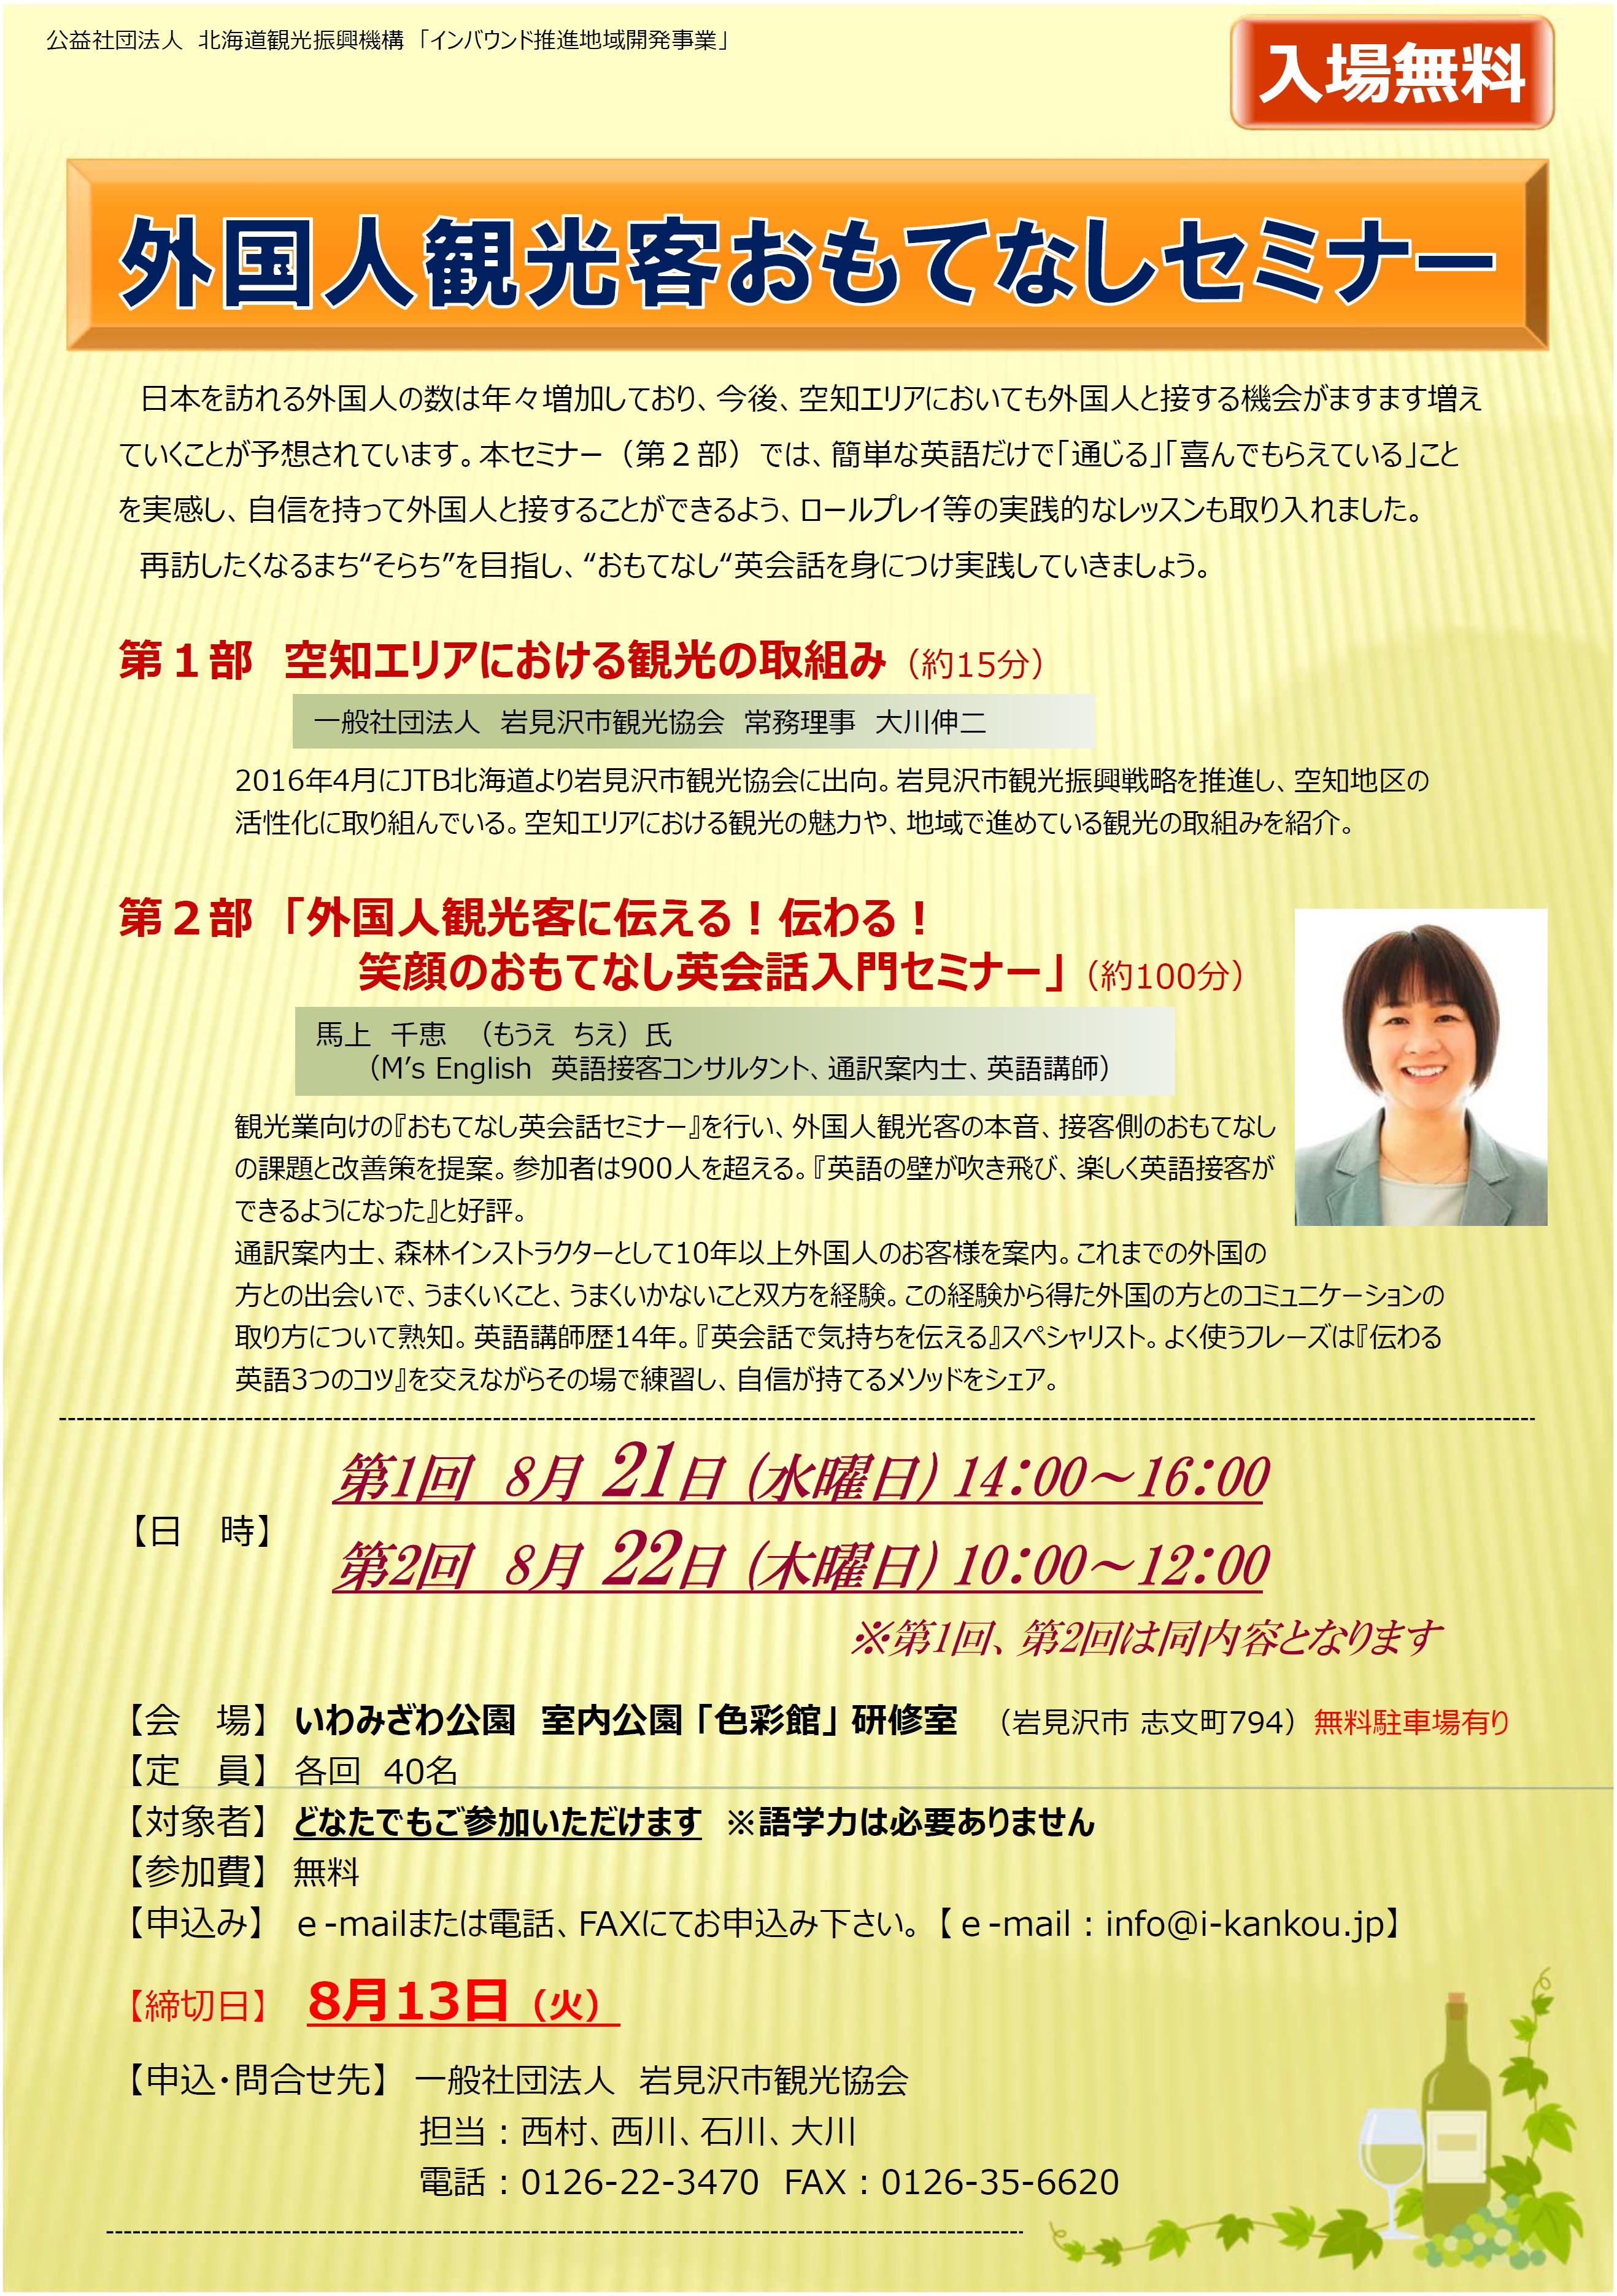 2018.08.21・22 外国人観光客おもてなしセミナー 案内書面(2019.07.30作成)